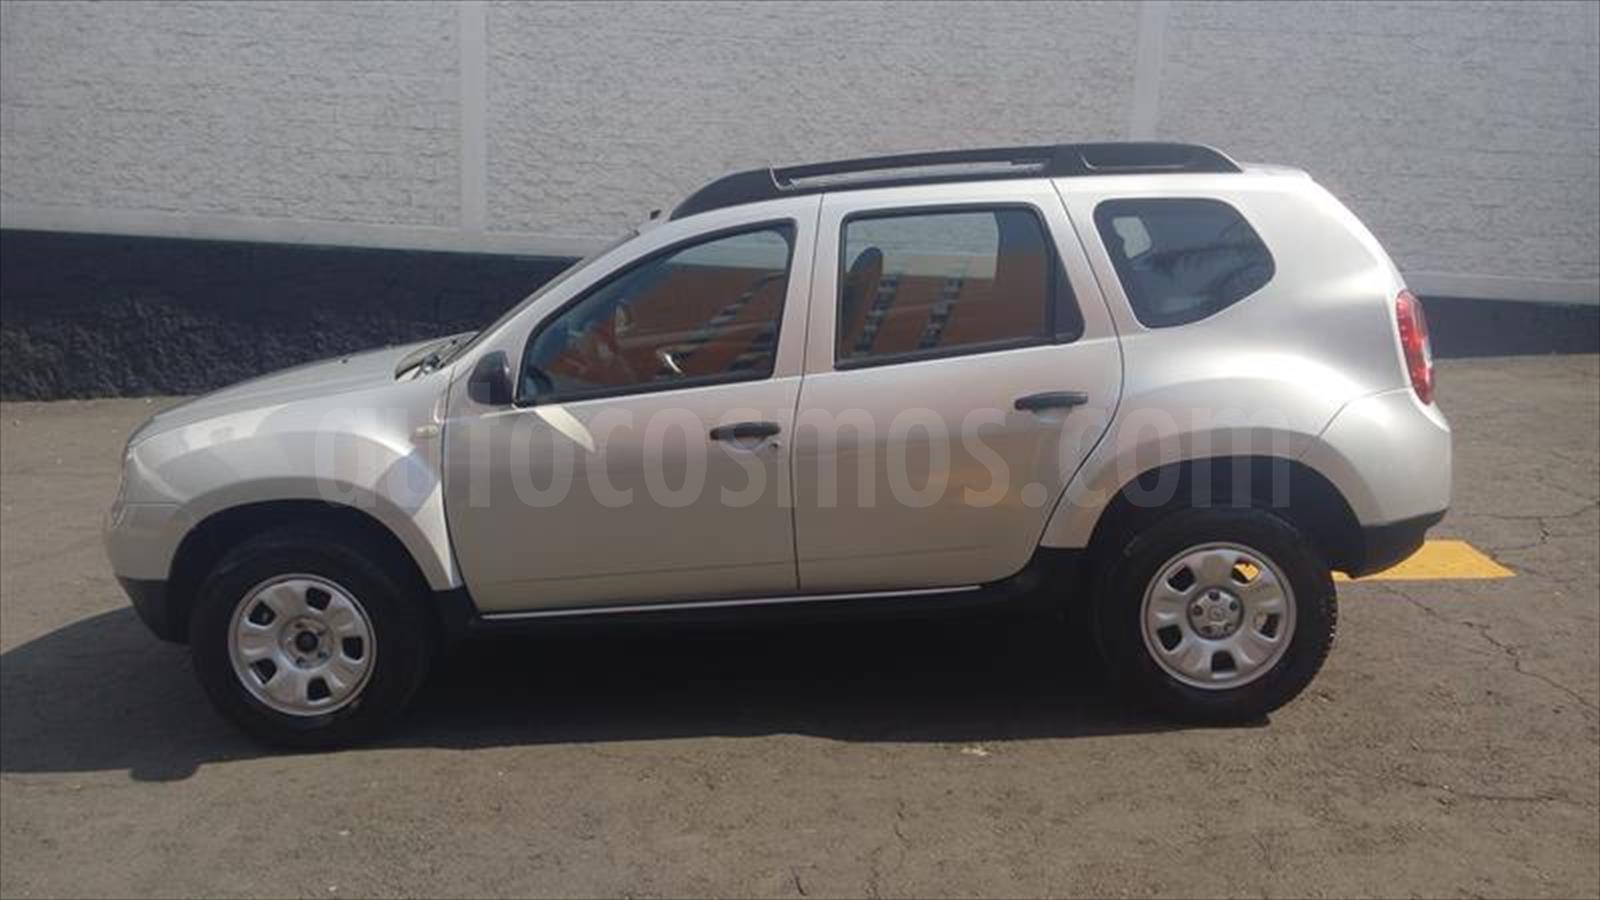 Venta autos usado - Ciudad de Mexico - Renault Duster